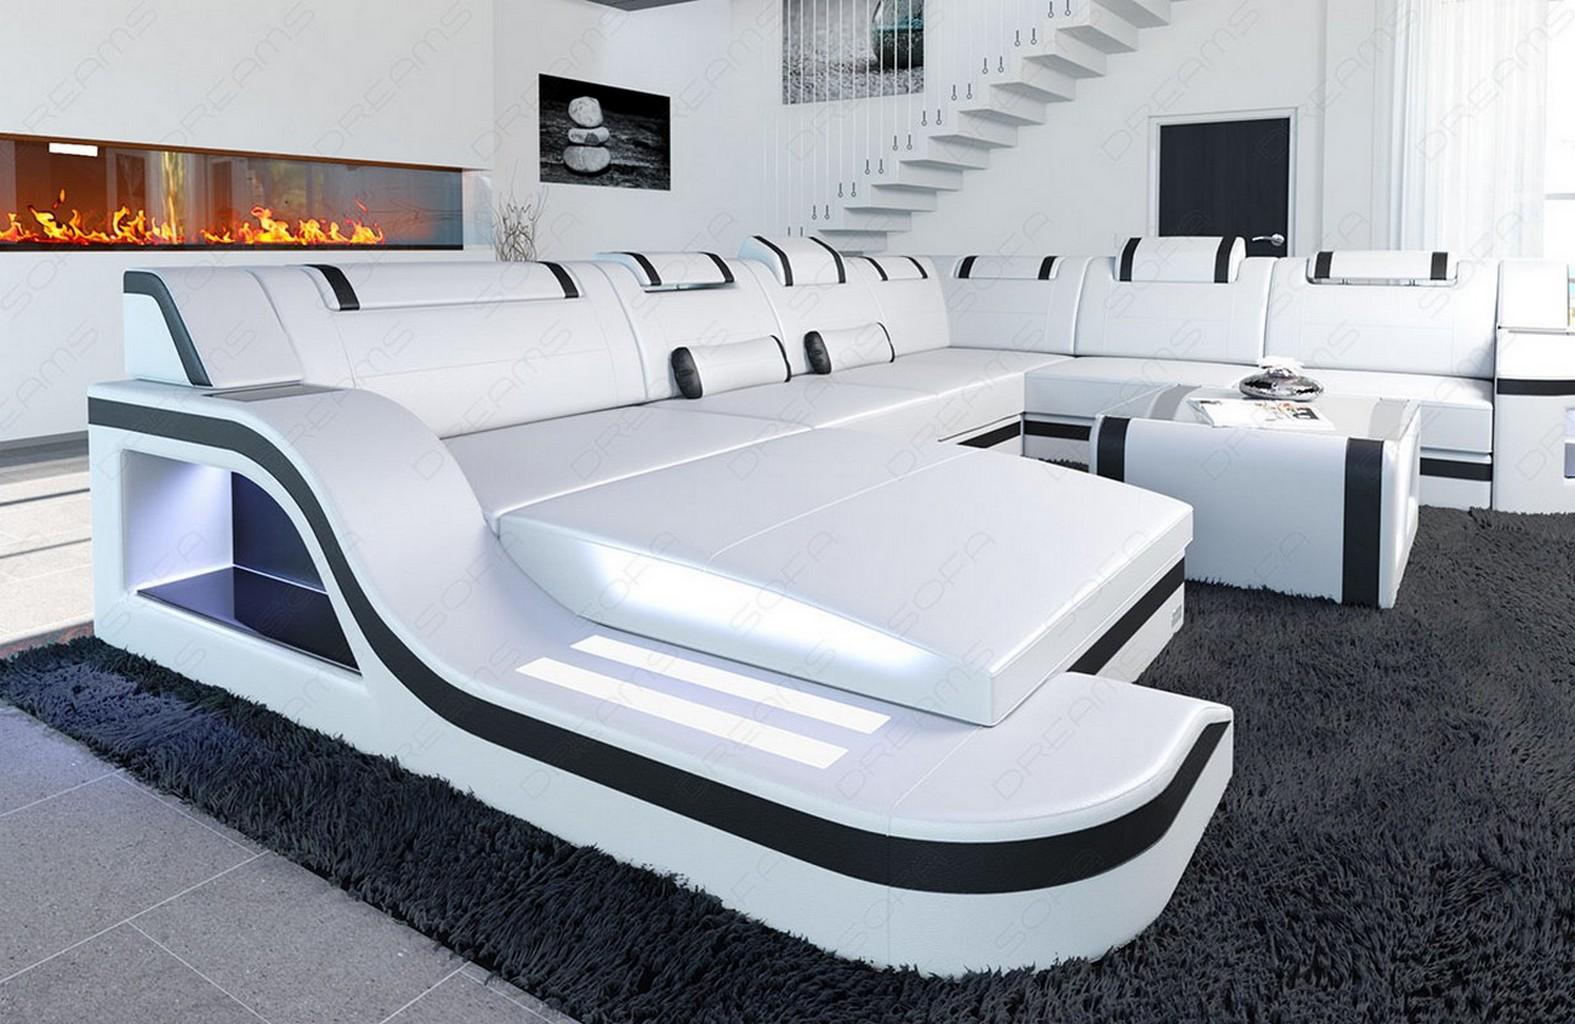 wohnlandschaft luxus palermo xxl mit led beleuchtung und ottomane weiss schwarz ebay. Black Bedroom Furniture Sets. Home Design Ideas